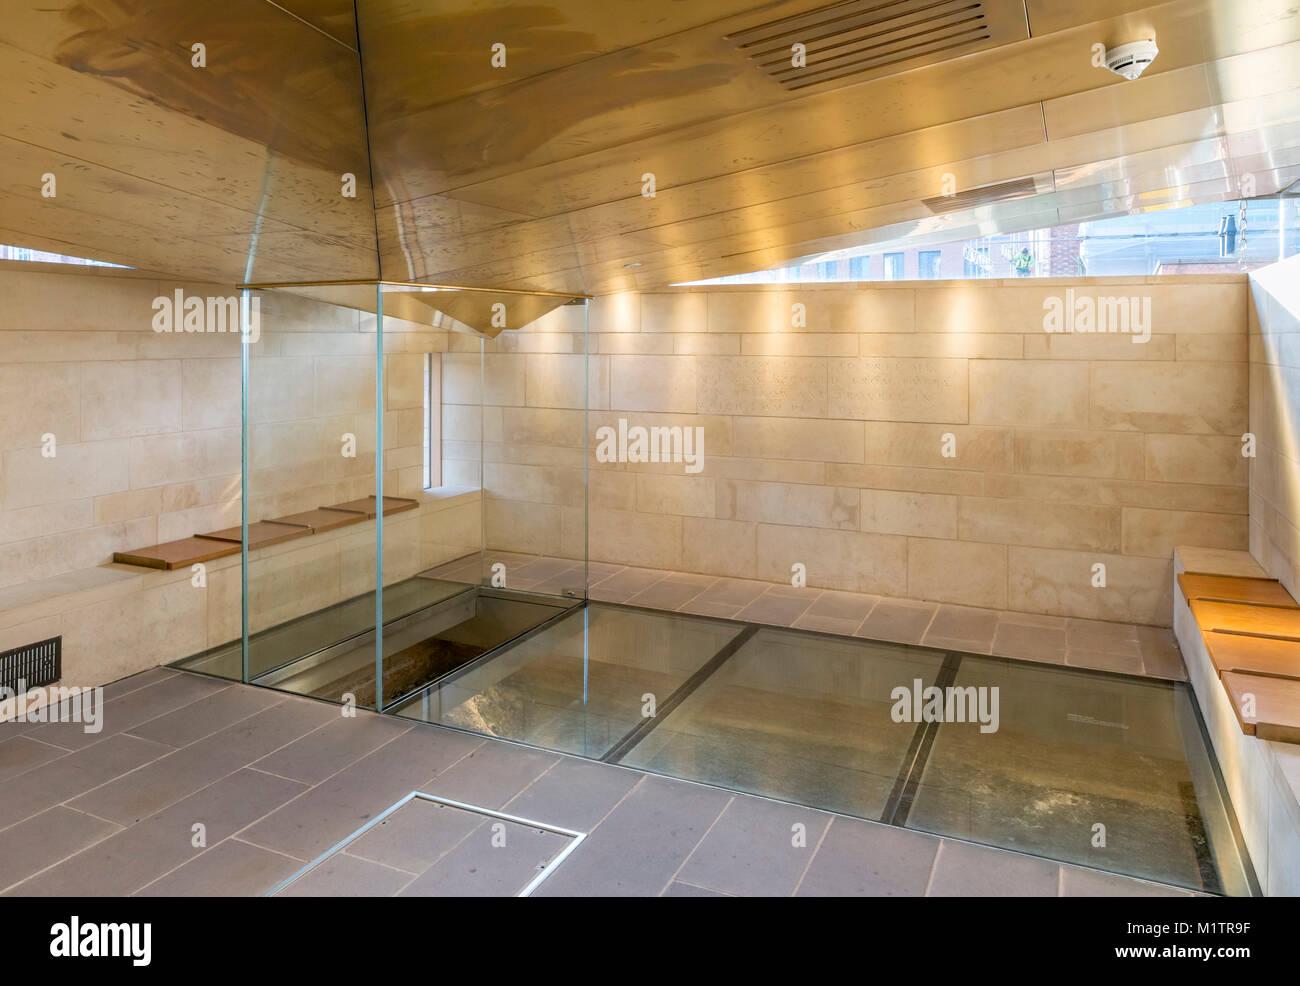 Sito della scoperta delle ossa di Richard III in re Richard III Visitor Center, Leicester, England, Regno Unito Immagini Stock